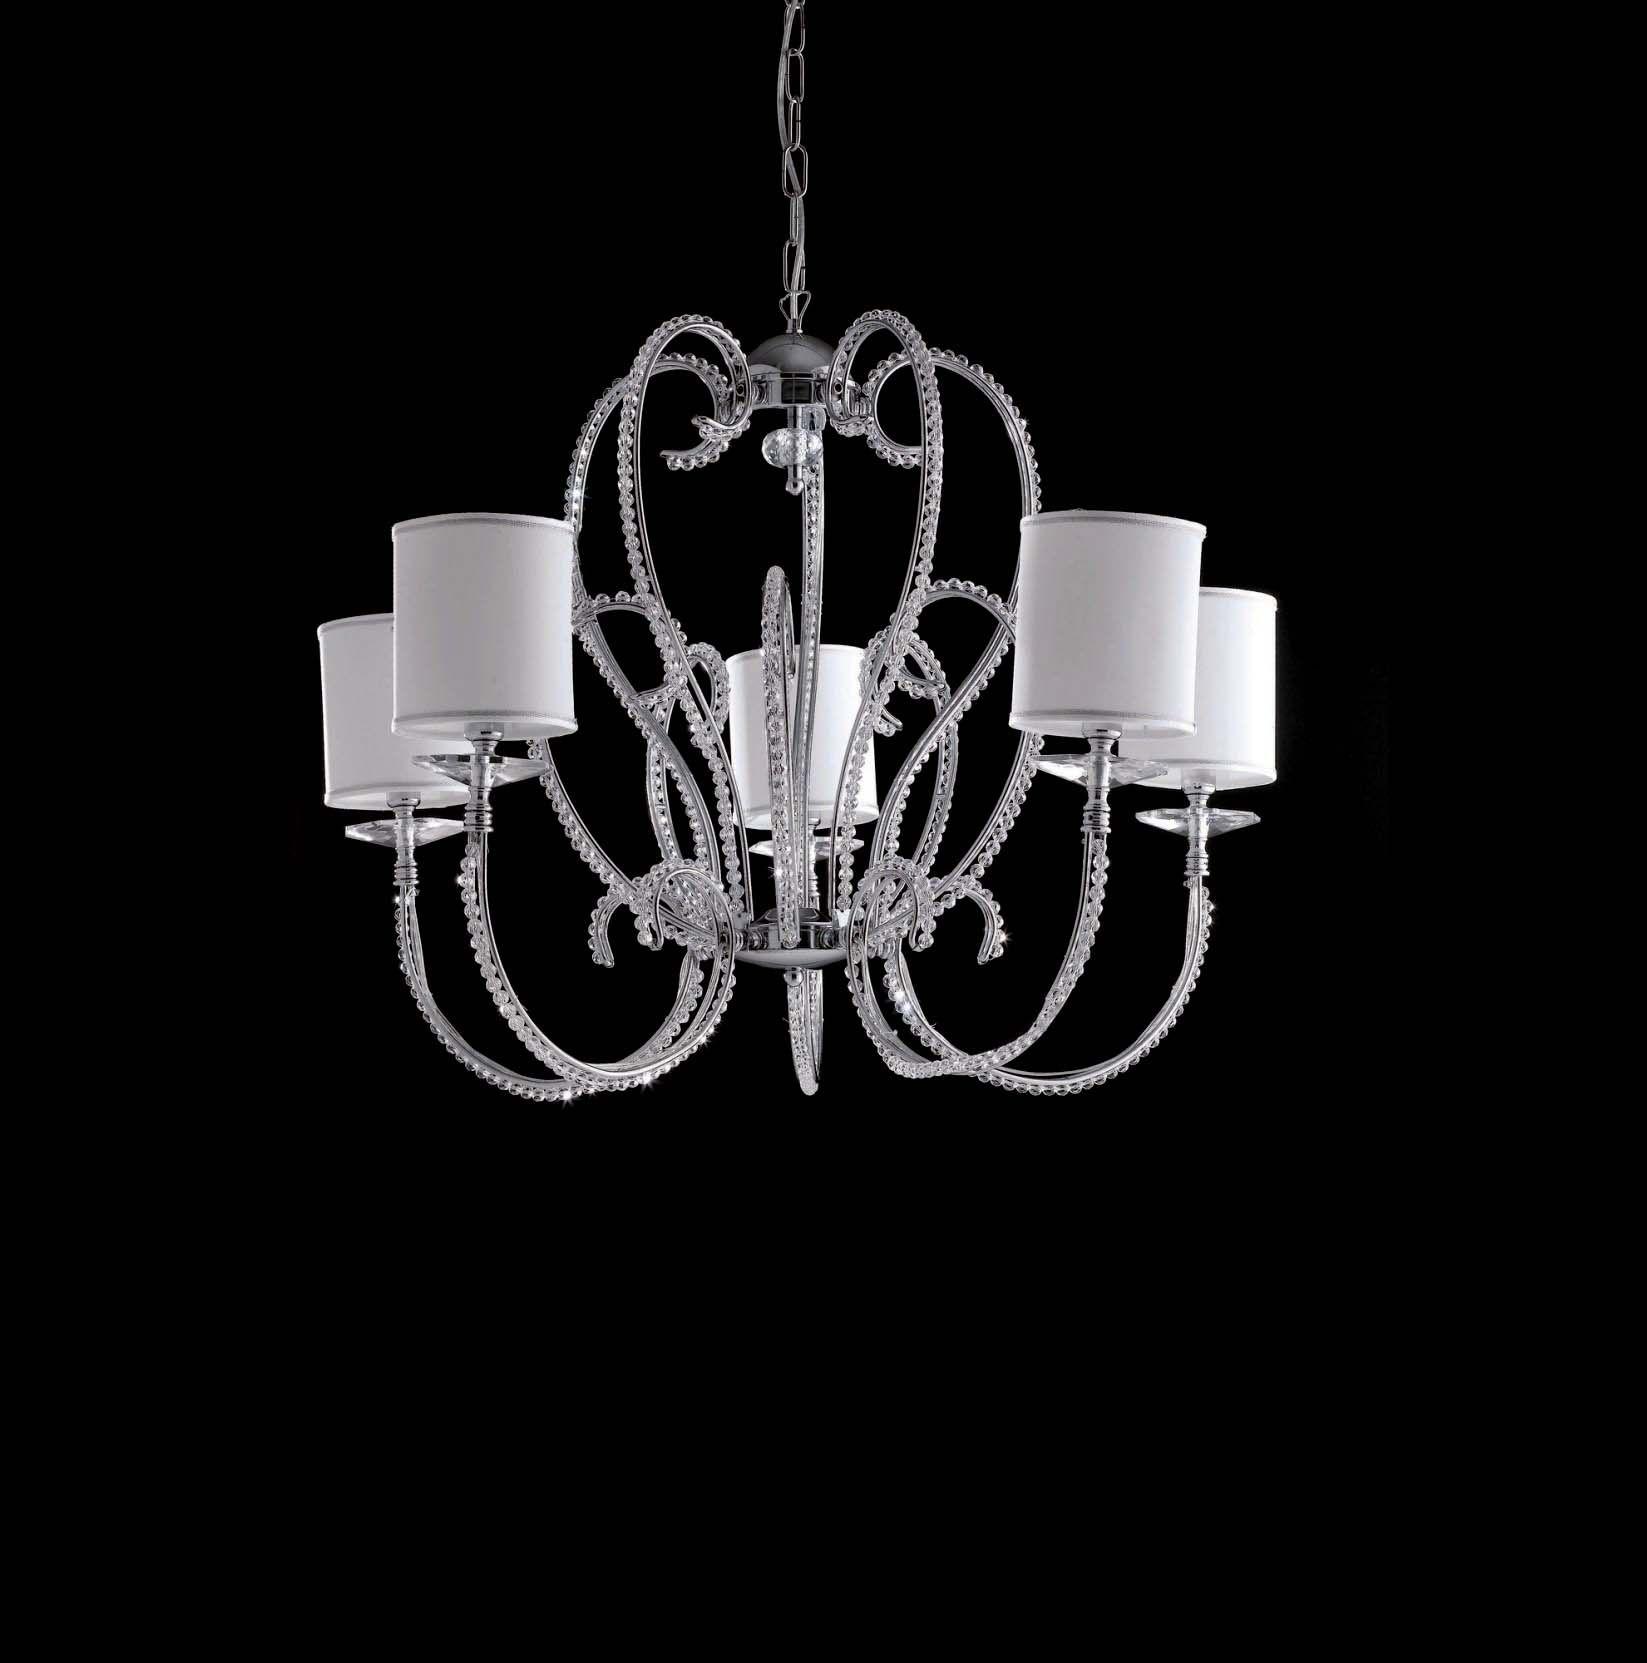 Lampadari Moderni Eleganti.Lampadario Moderno Cromato Con Perle In Cristallo 5 Luci Lgt